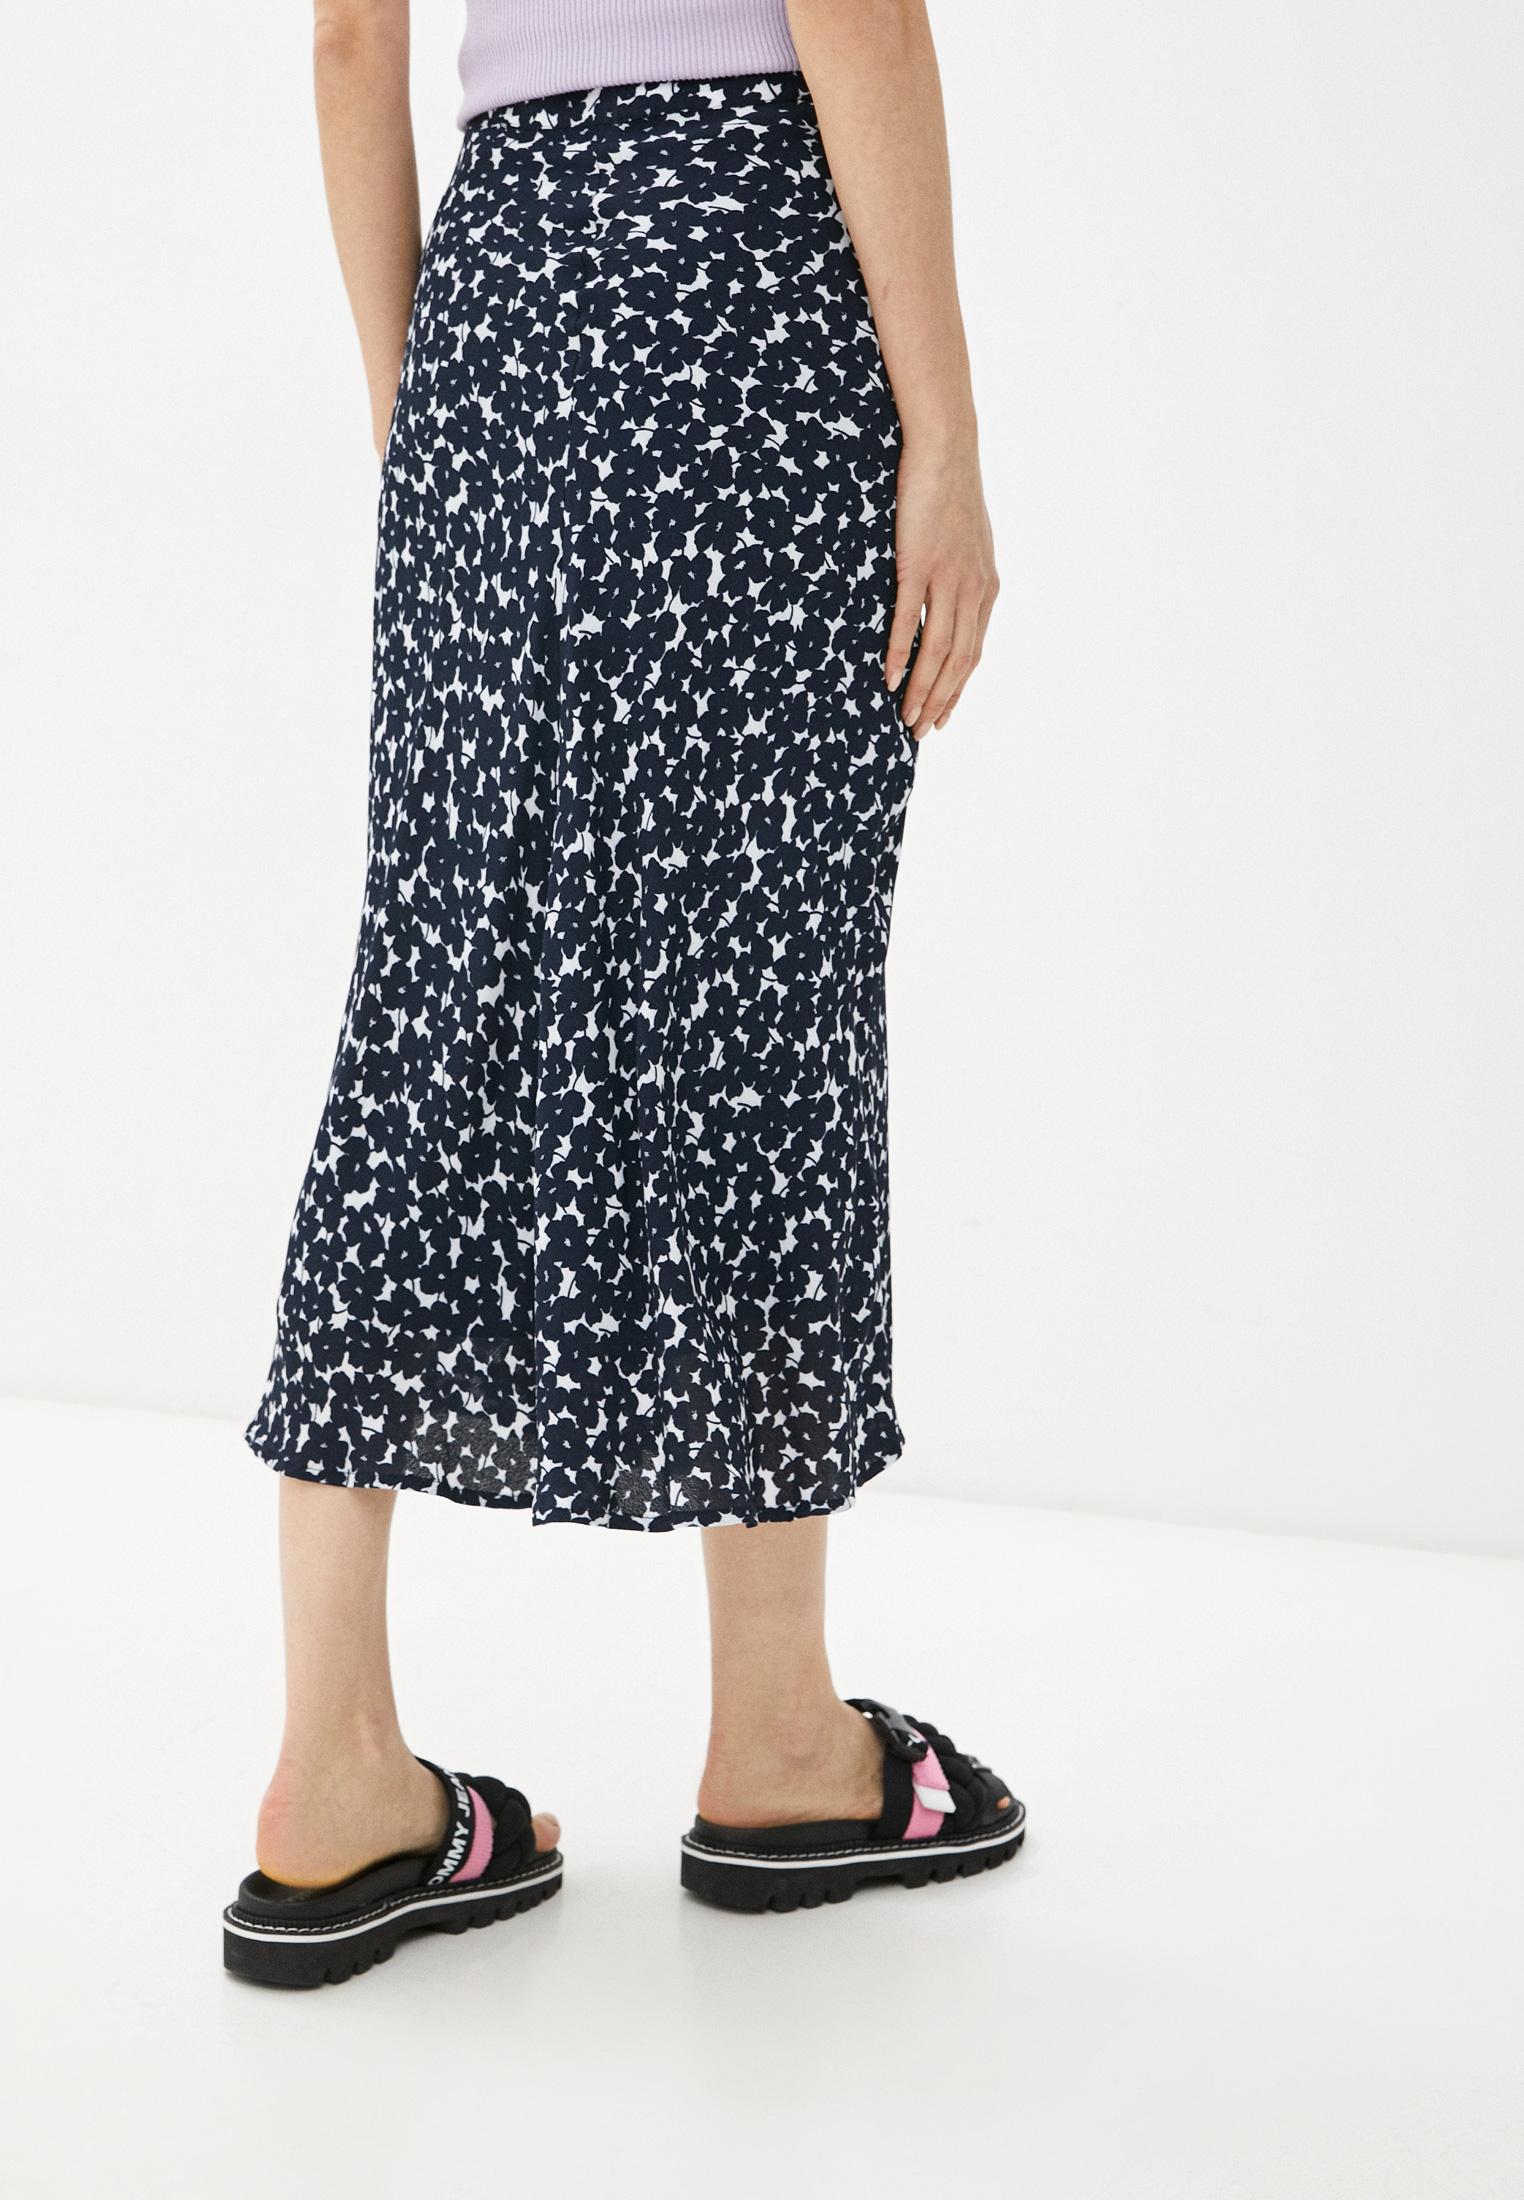 Широкая юбка Tommy Hilfiger (Томми Хилфигер) WW0WW30321: изображение 3